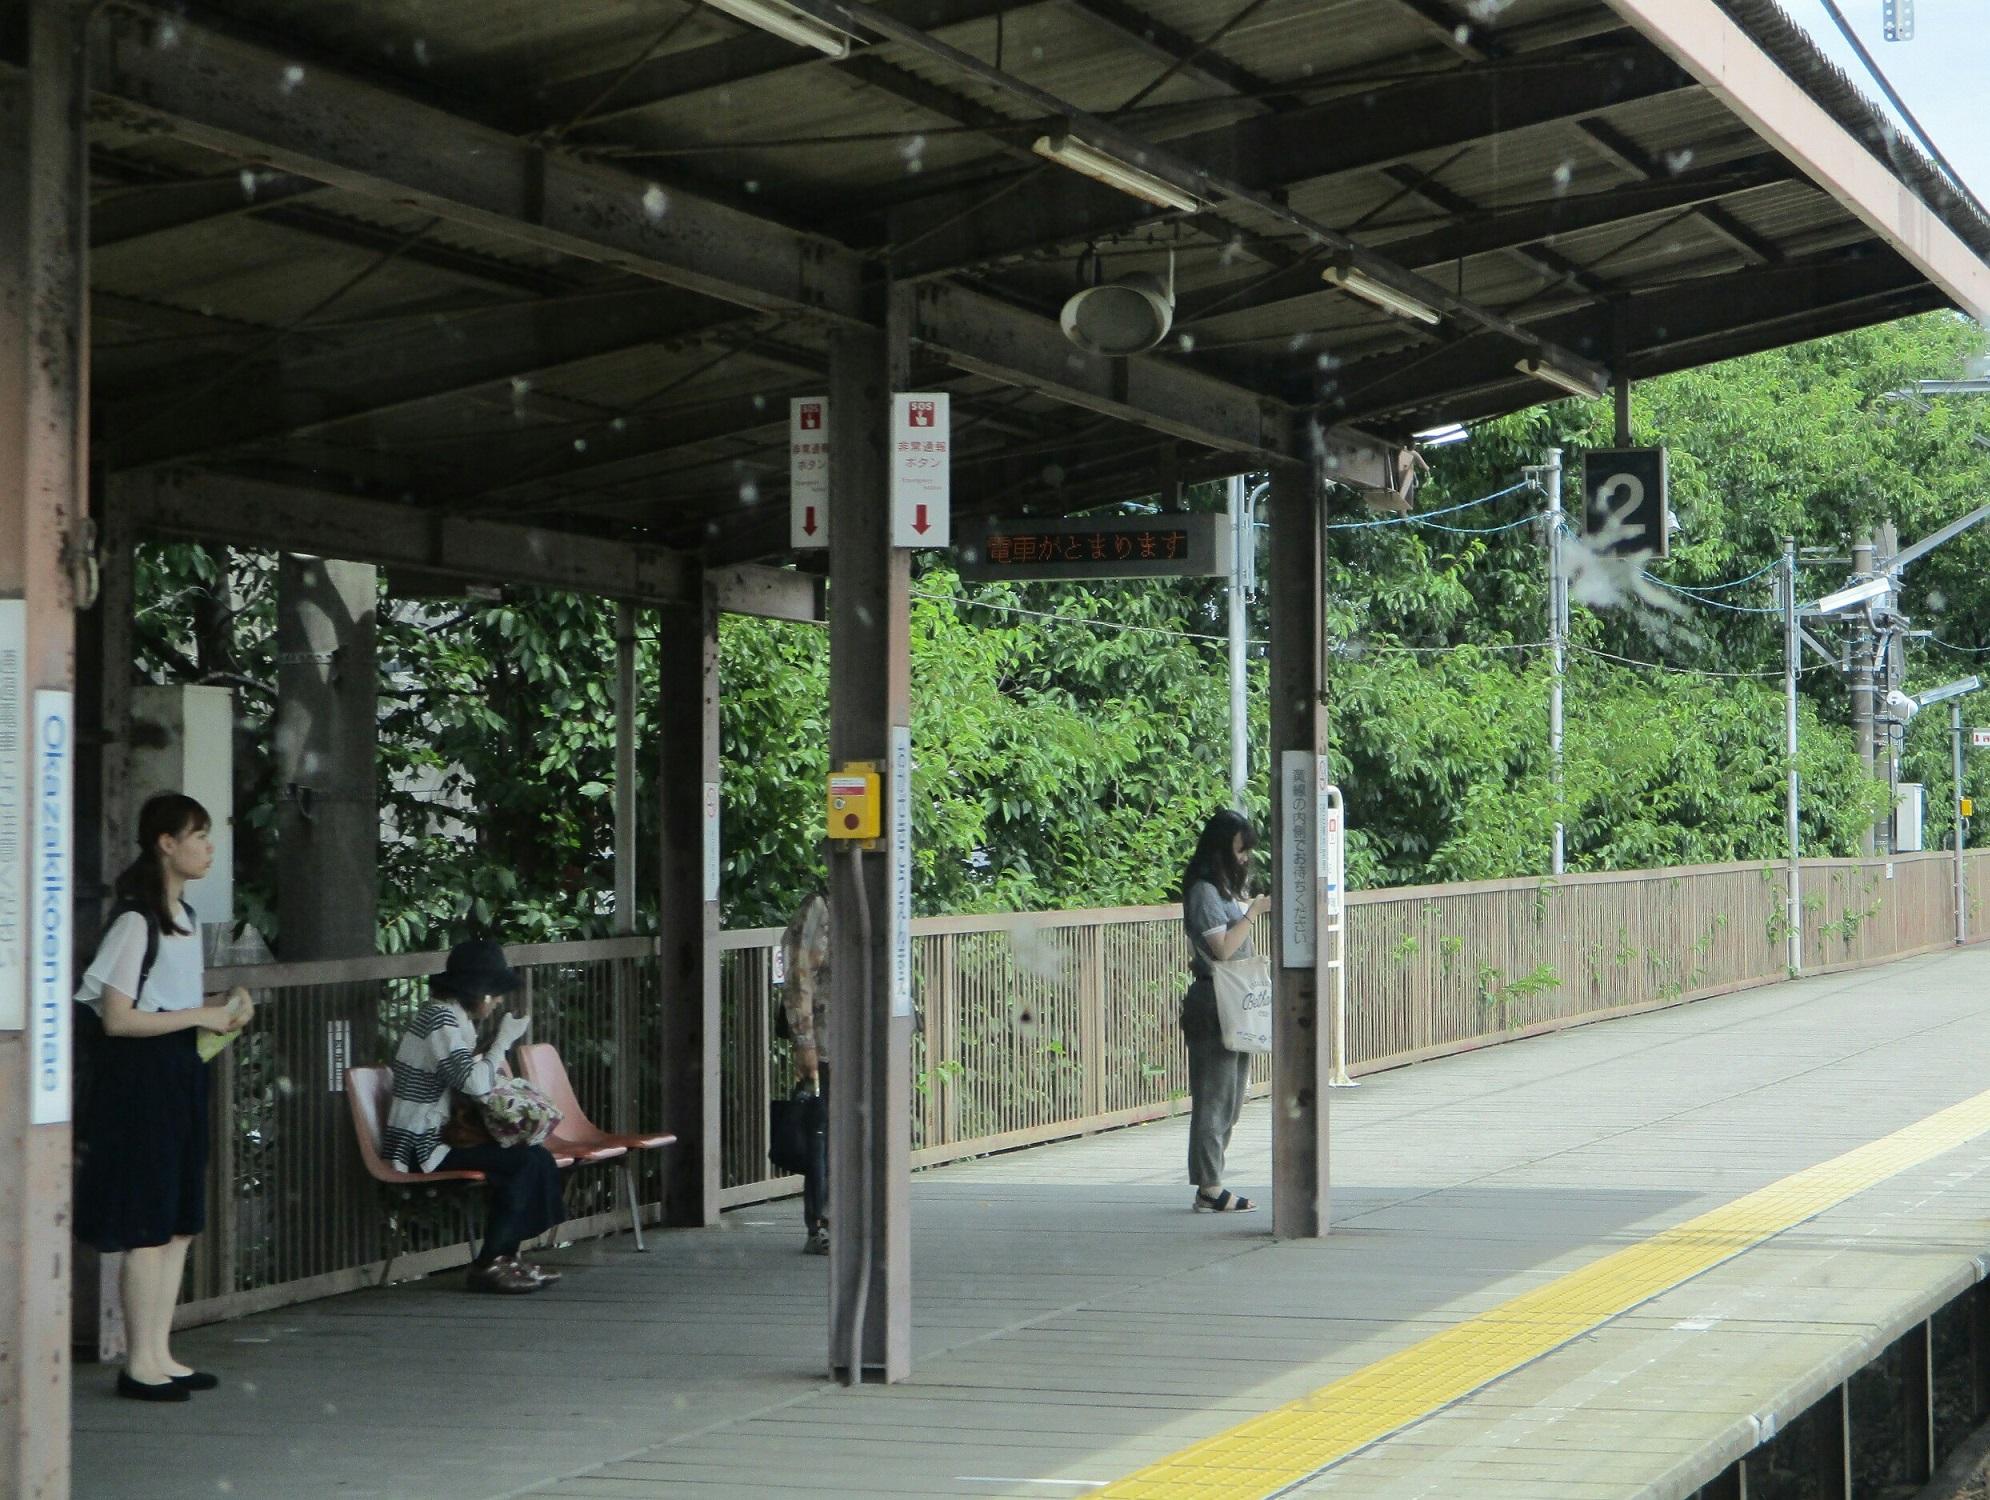 2018.7.11 (13) 東岡崎いきふつう - 岡崎公園前 1990-1500